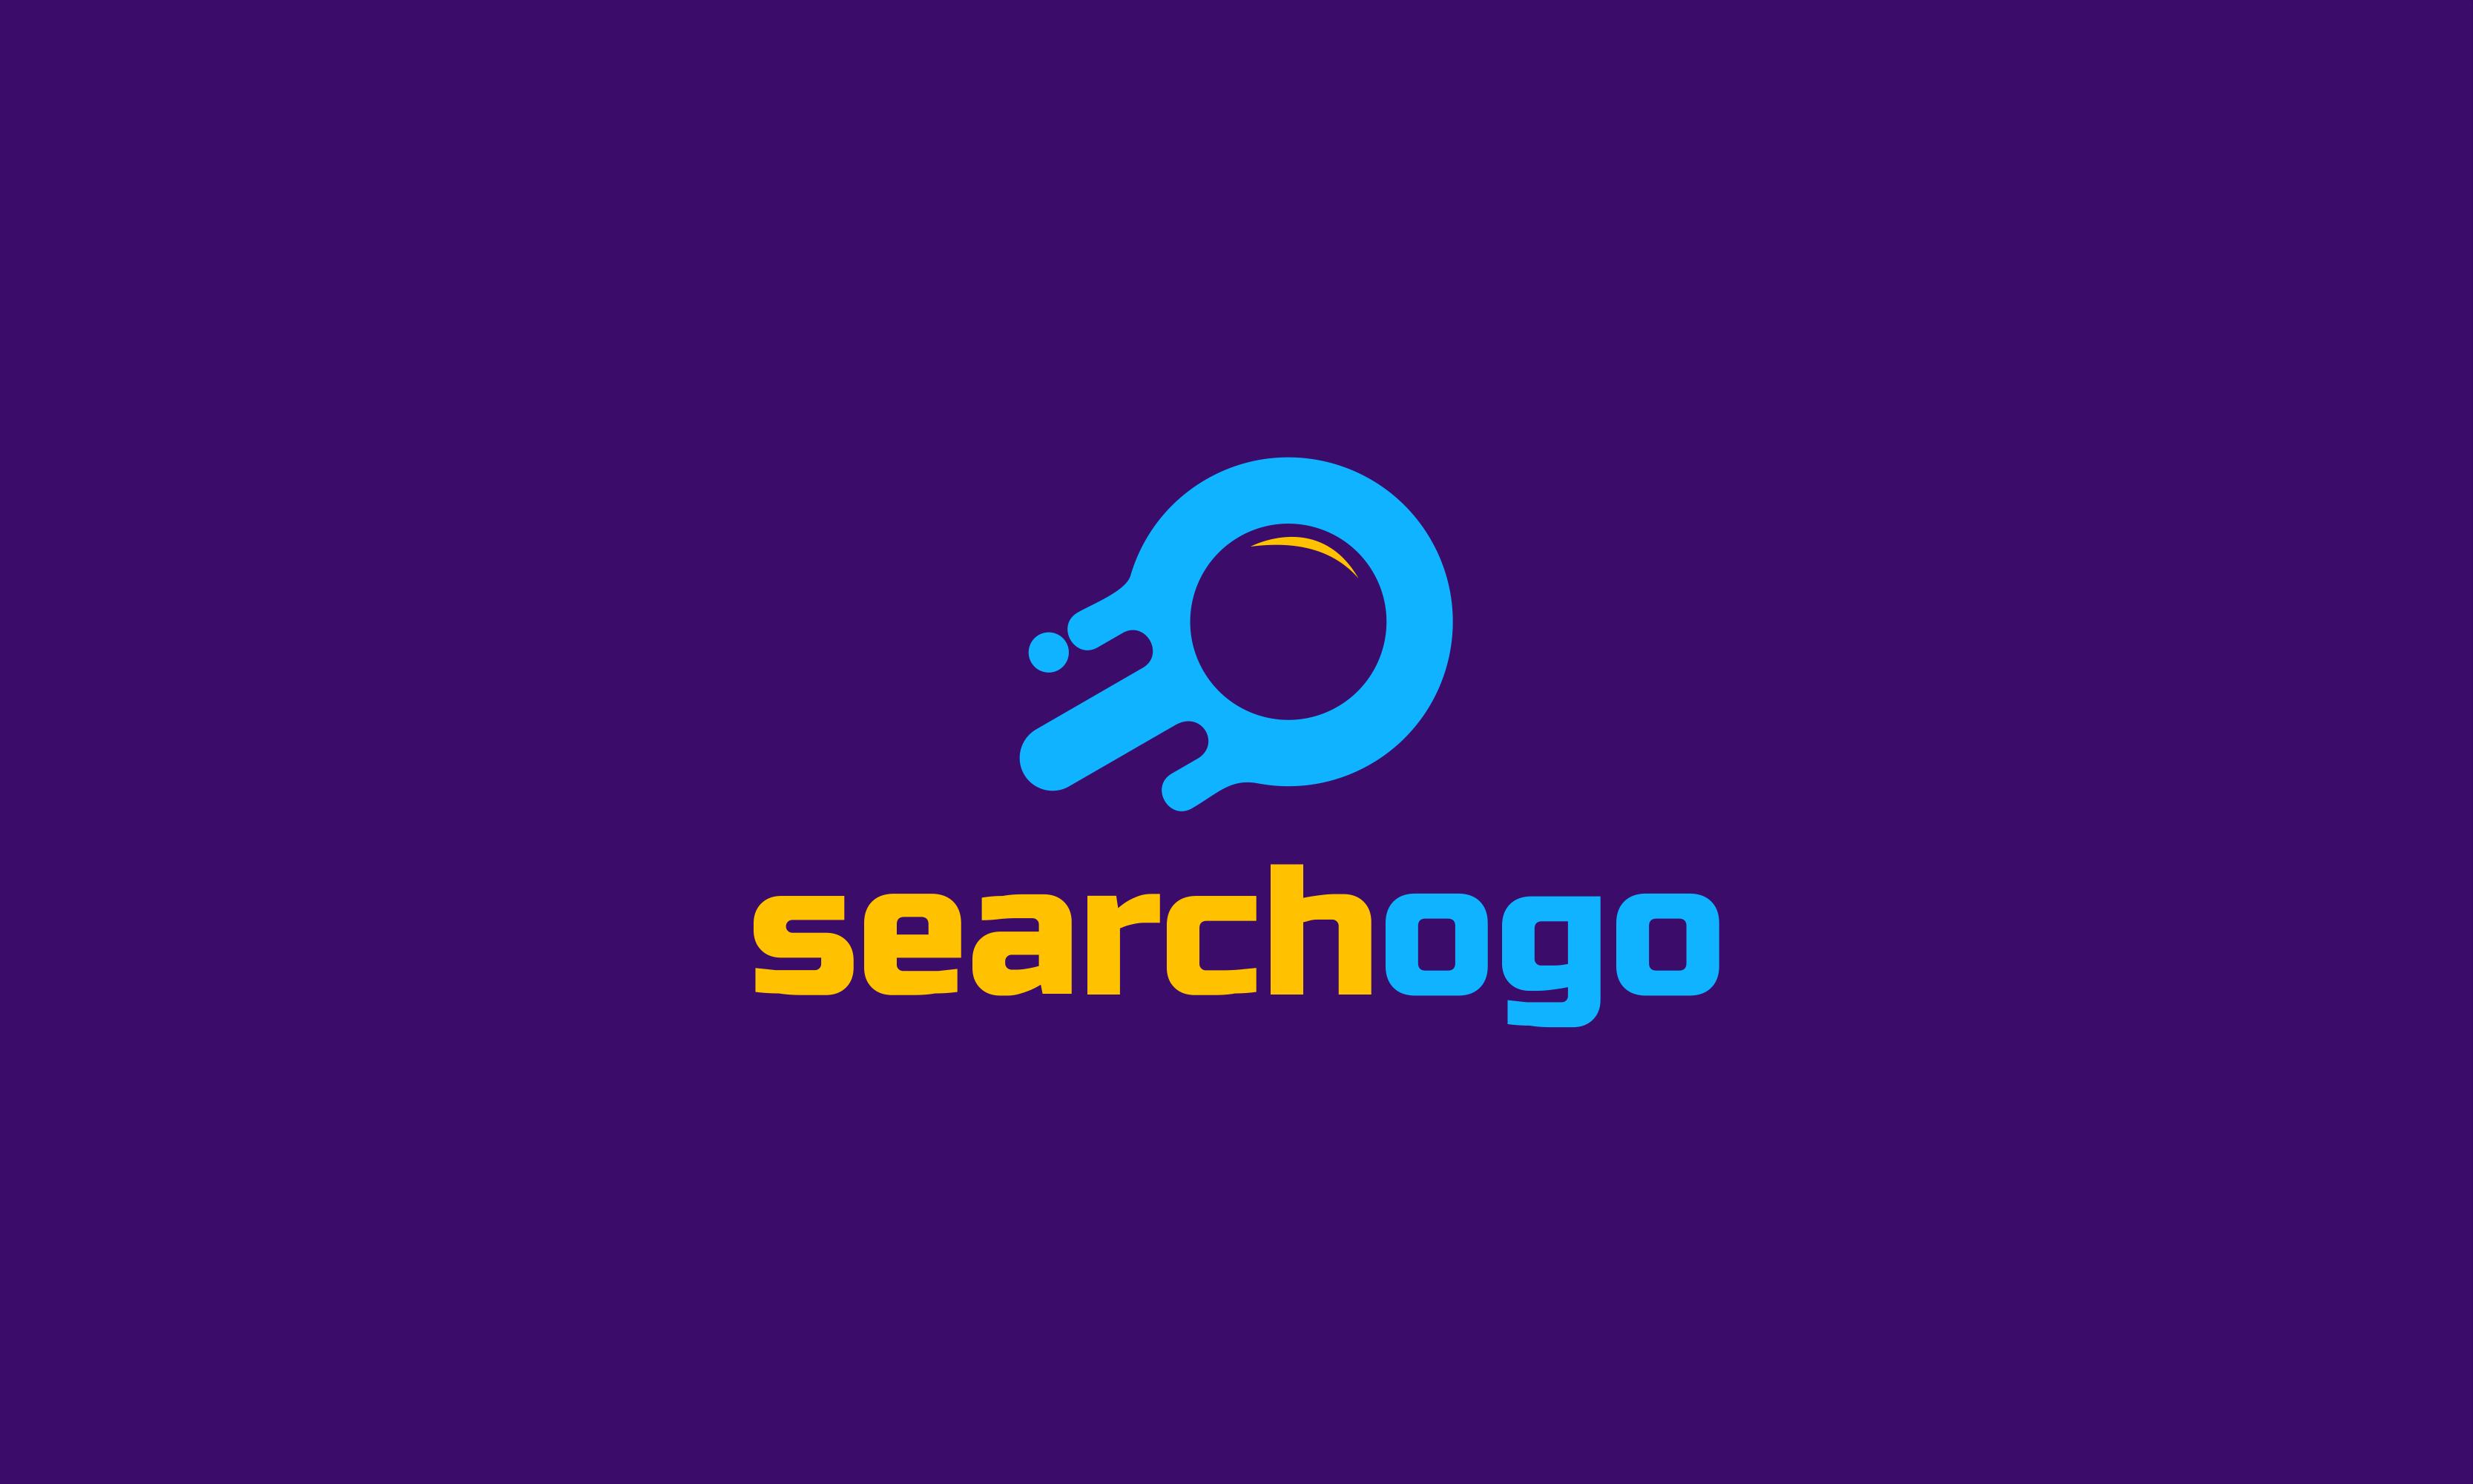 Searchogo